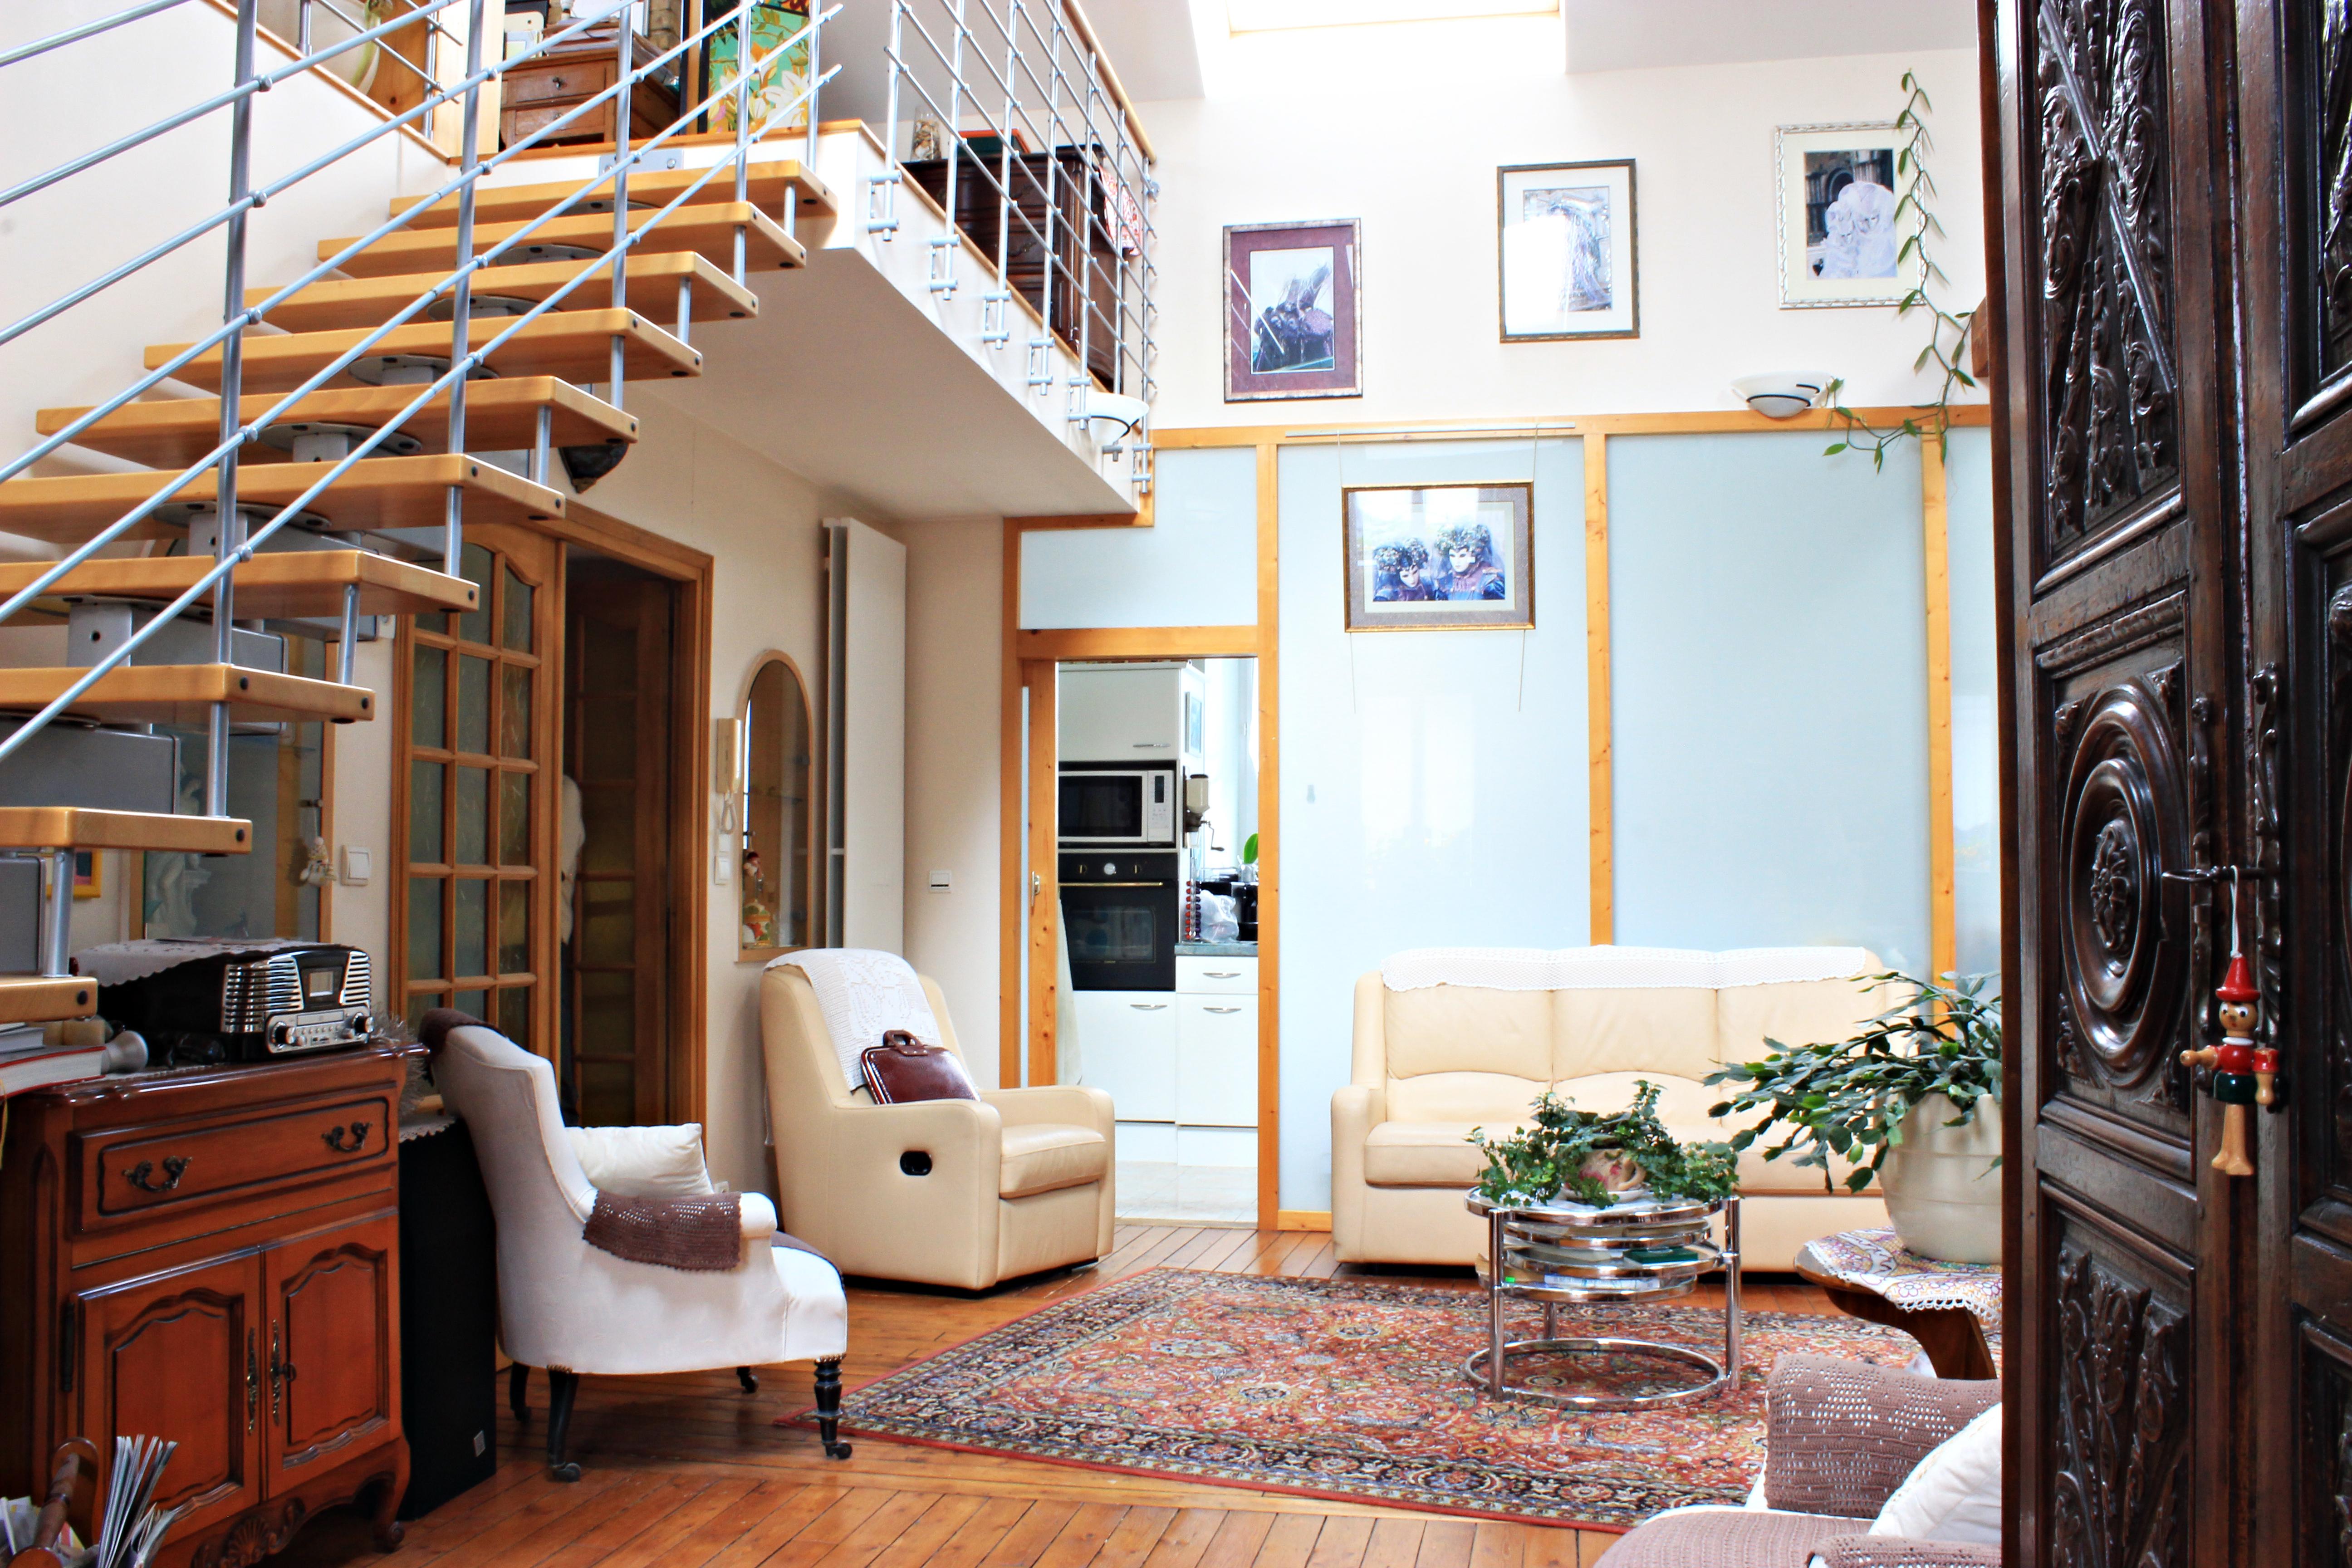 Chambres D'Hôtes (42) intérieur Chambres D4Hotes